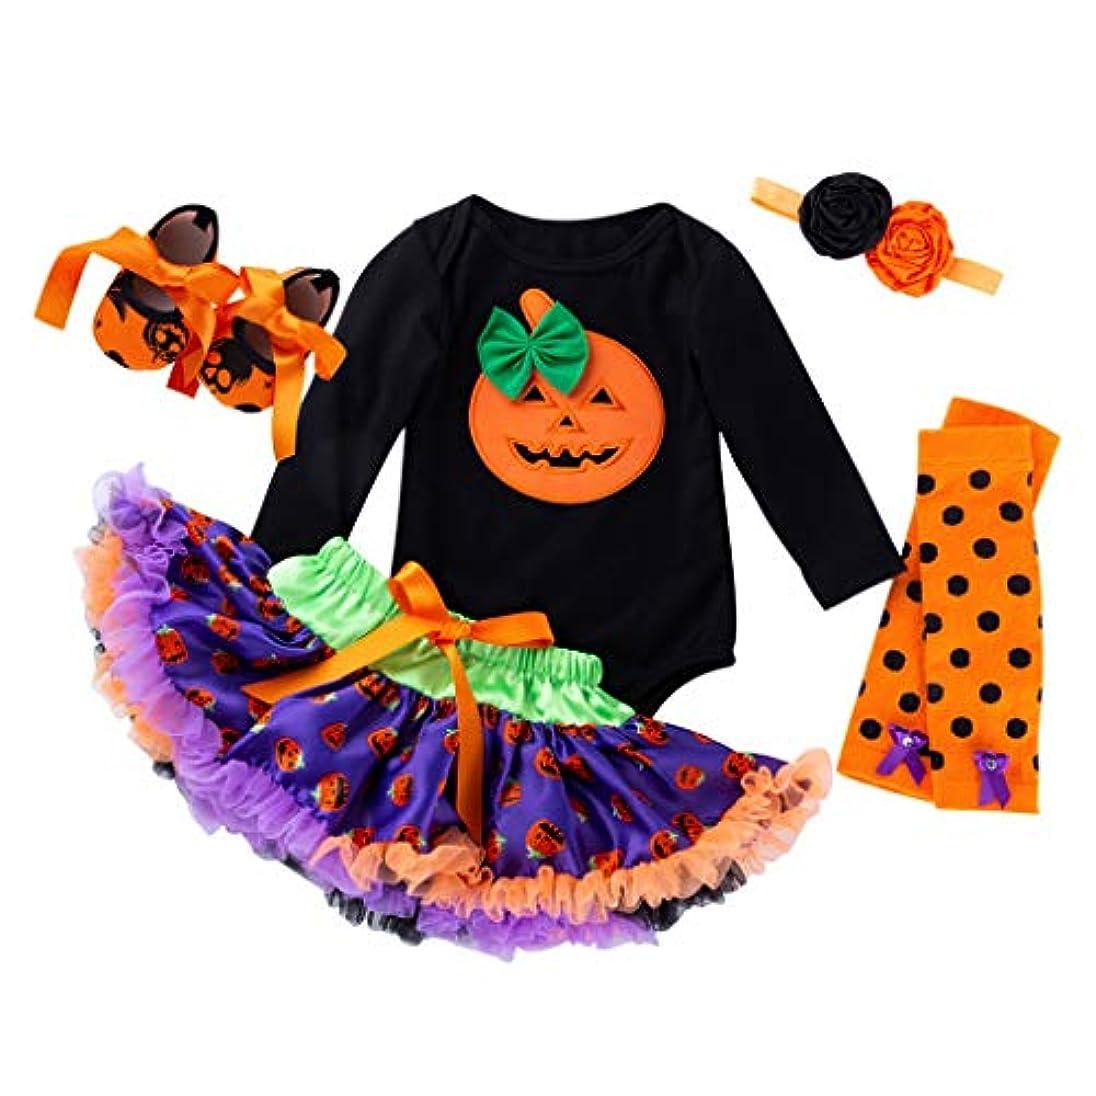 渦ポップ記事ハロウィン 赤ちゃん ワンピース Huliyun 女の子 ロンパース かわいい キッズ 仮装 子供用2ピース長袖ローブ+チュチュスカート ハロウィン 衣装 子供 女の子 パンプキン かぼちゃ 仮装